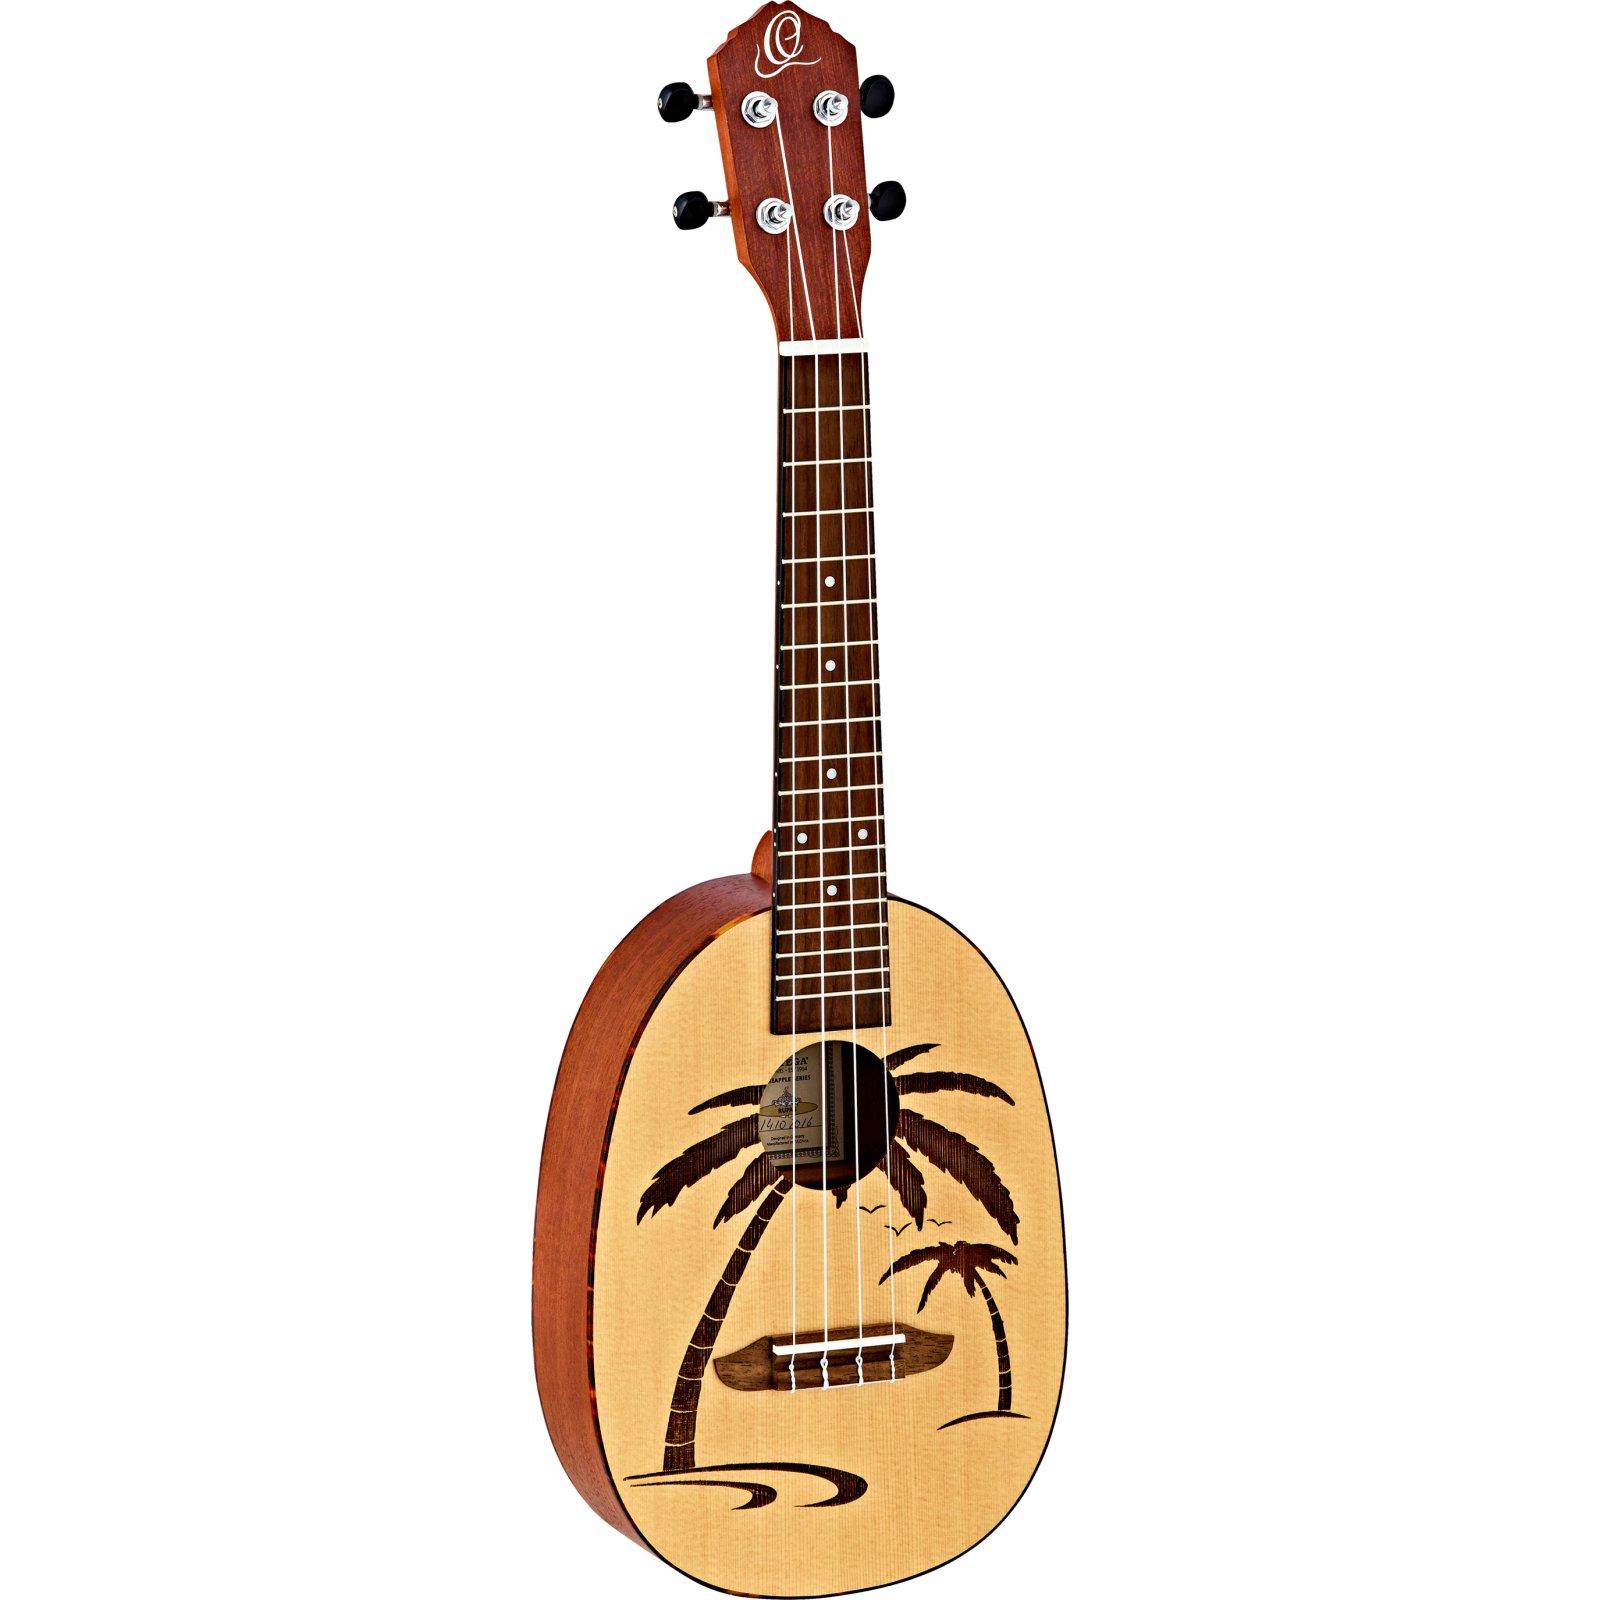 Ortega Pineapple Series RUPA5 Concert Ukulele